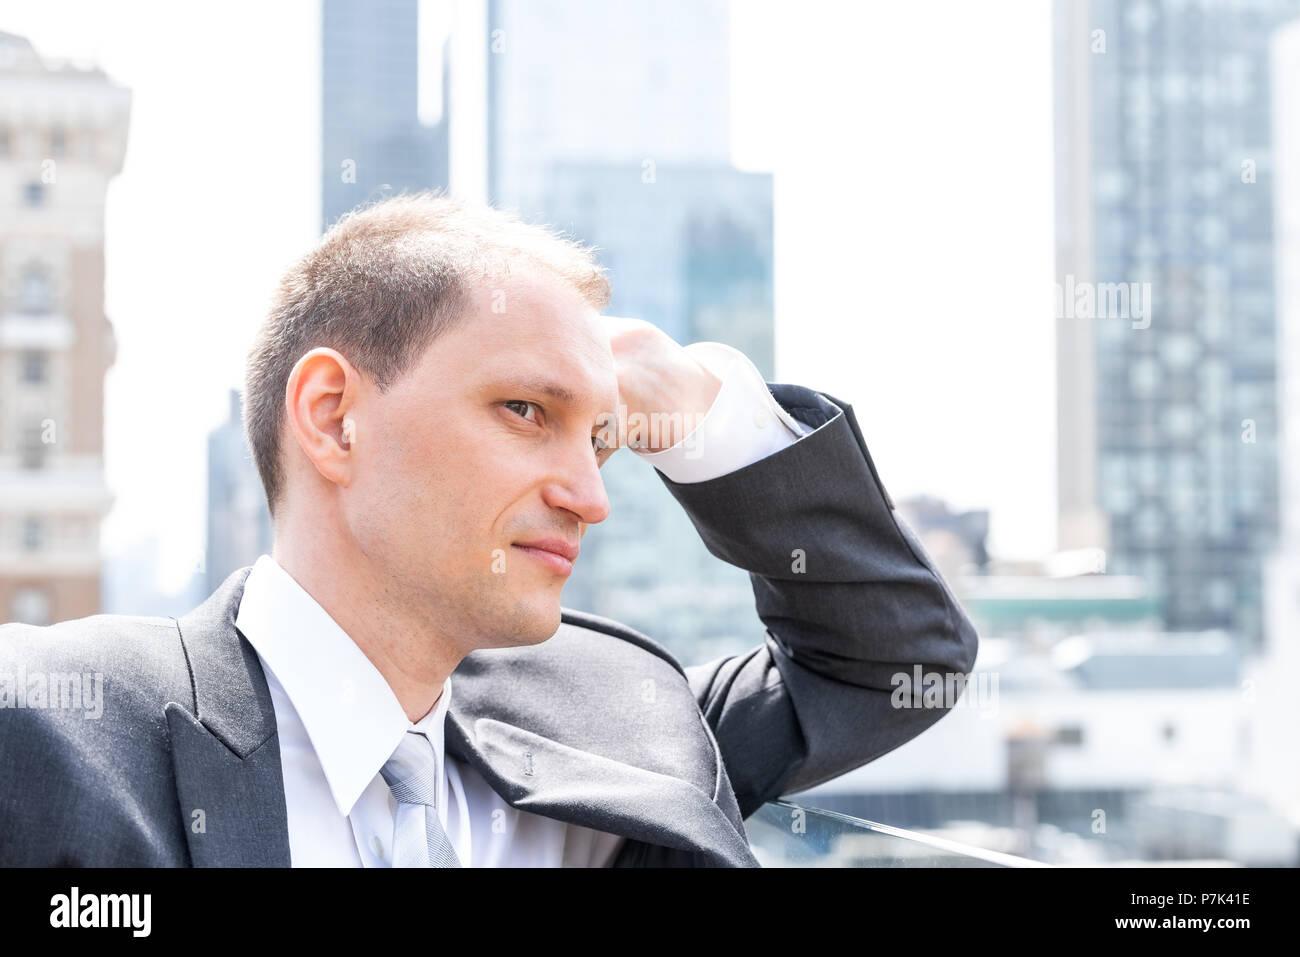 Stattlich, attraktive junge Seite Profil Geschäftsmann Nahaufnahme Gesicht Porträt in Anzug, Krawatte, an der New York City Skyline Skyline in Manhatt Stockfoto